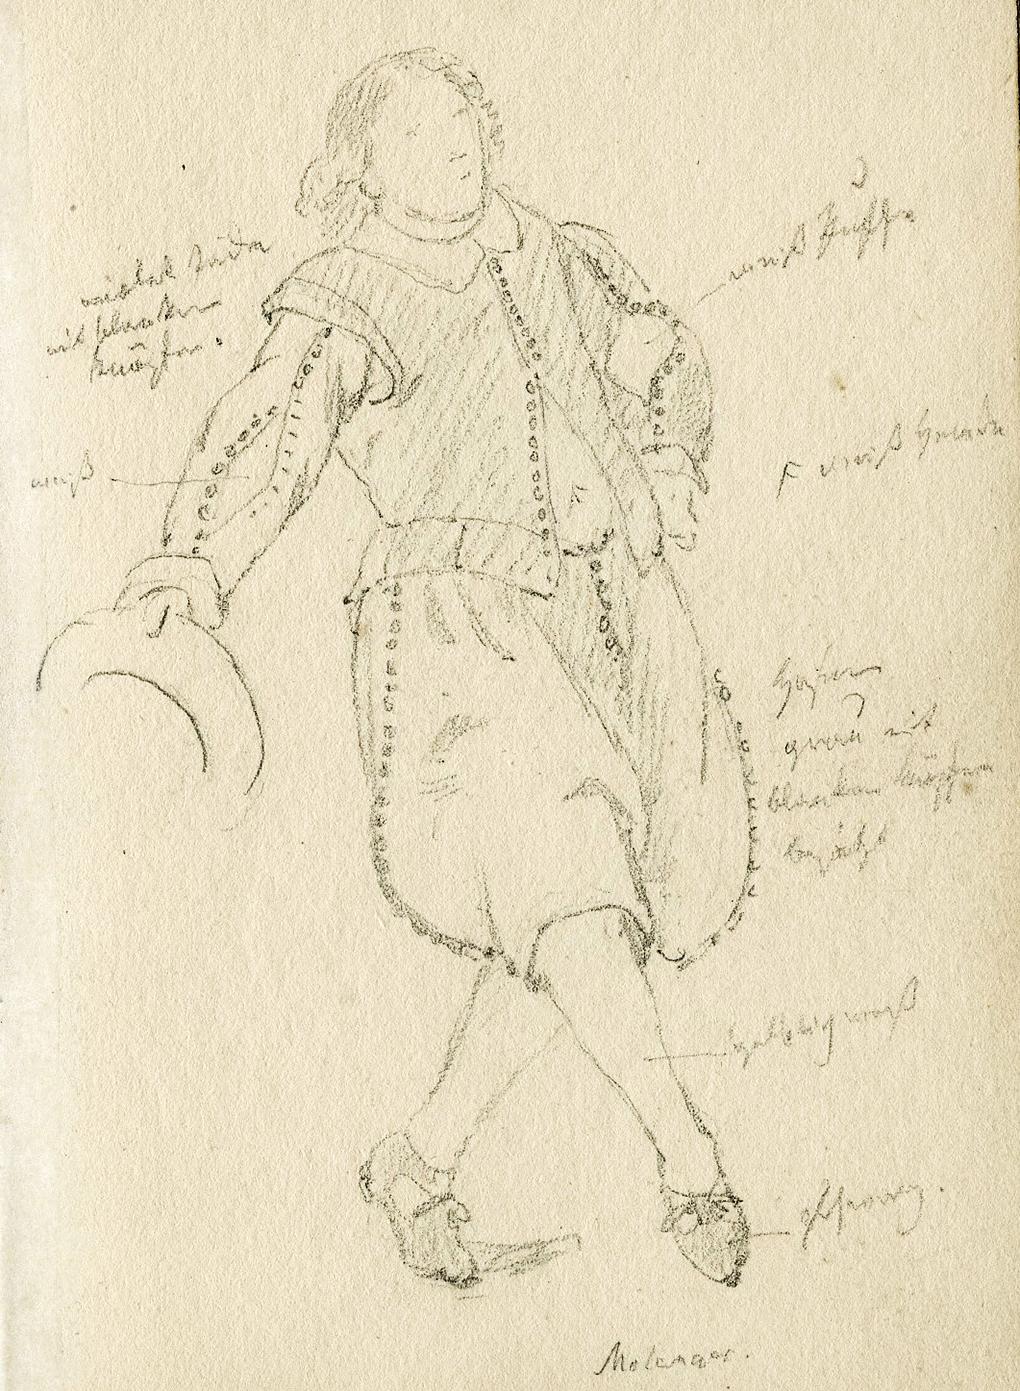 Ludwig Most, Kłaniająca się postać męska, około 1846, ołówek, papier welinowy, rysunek w szkicowniku nr 12, karta 32, Muzeum Narodowe w Szczecinie